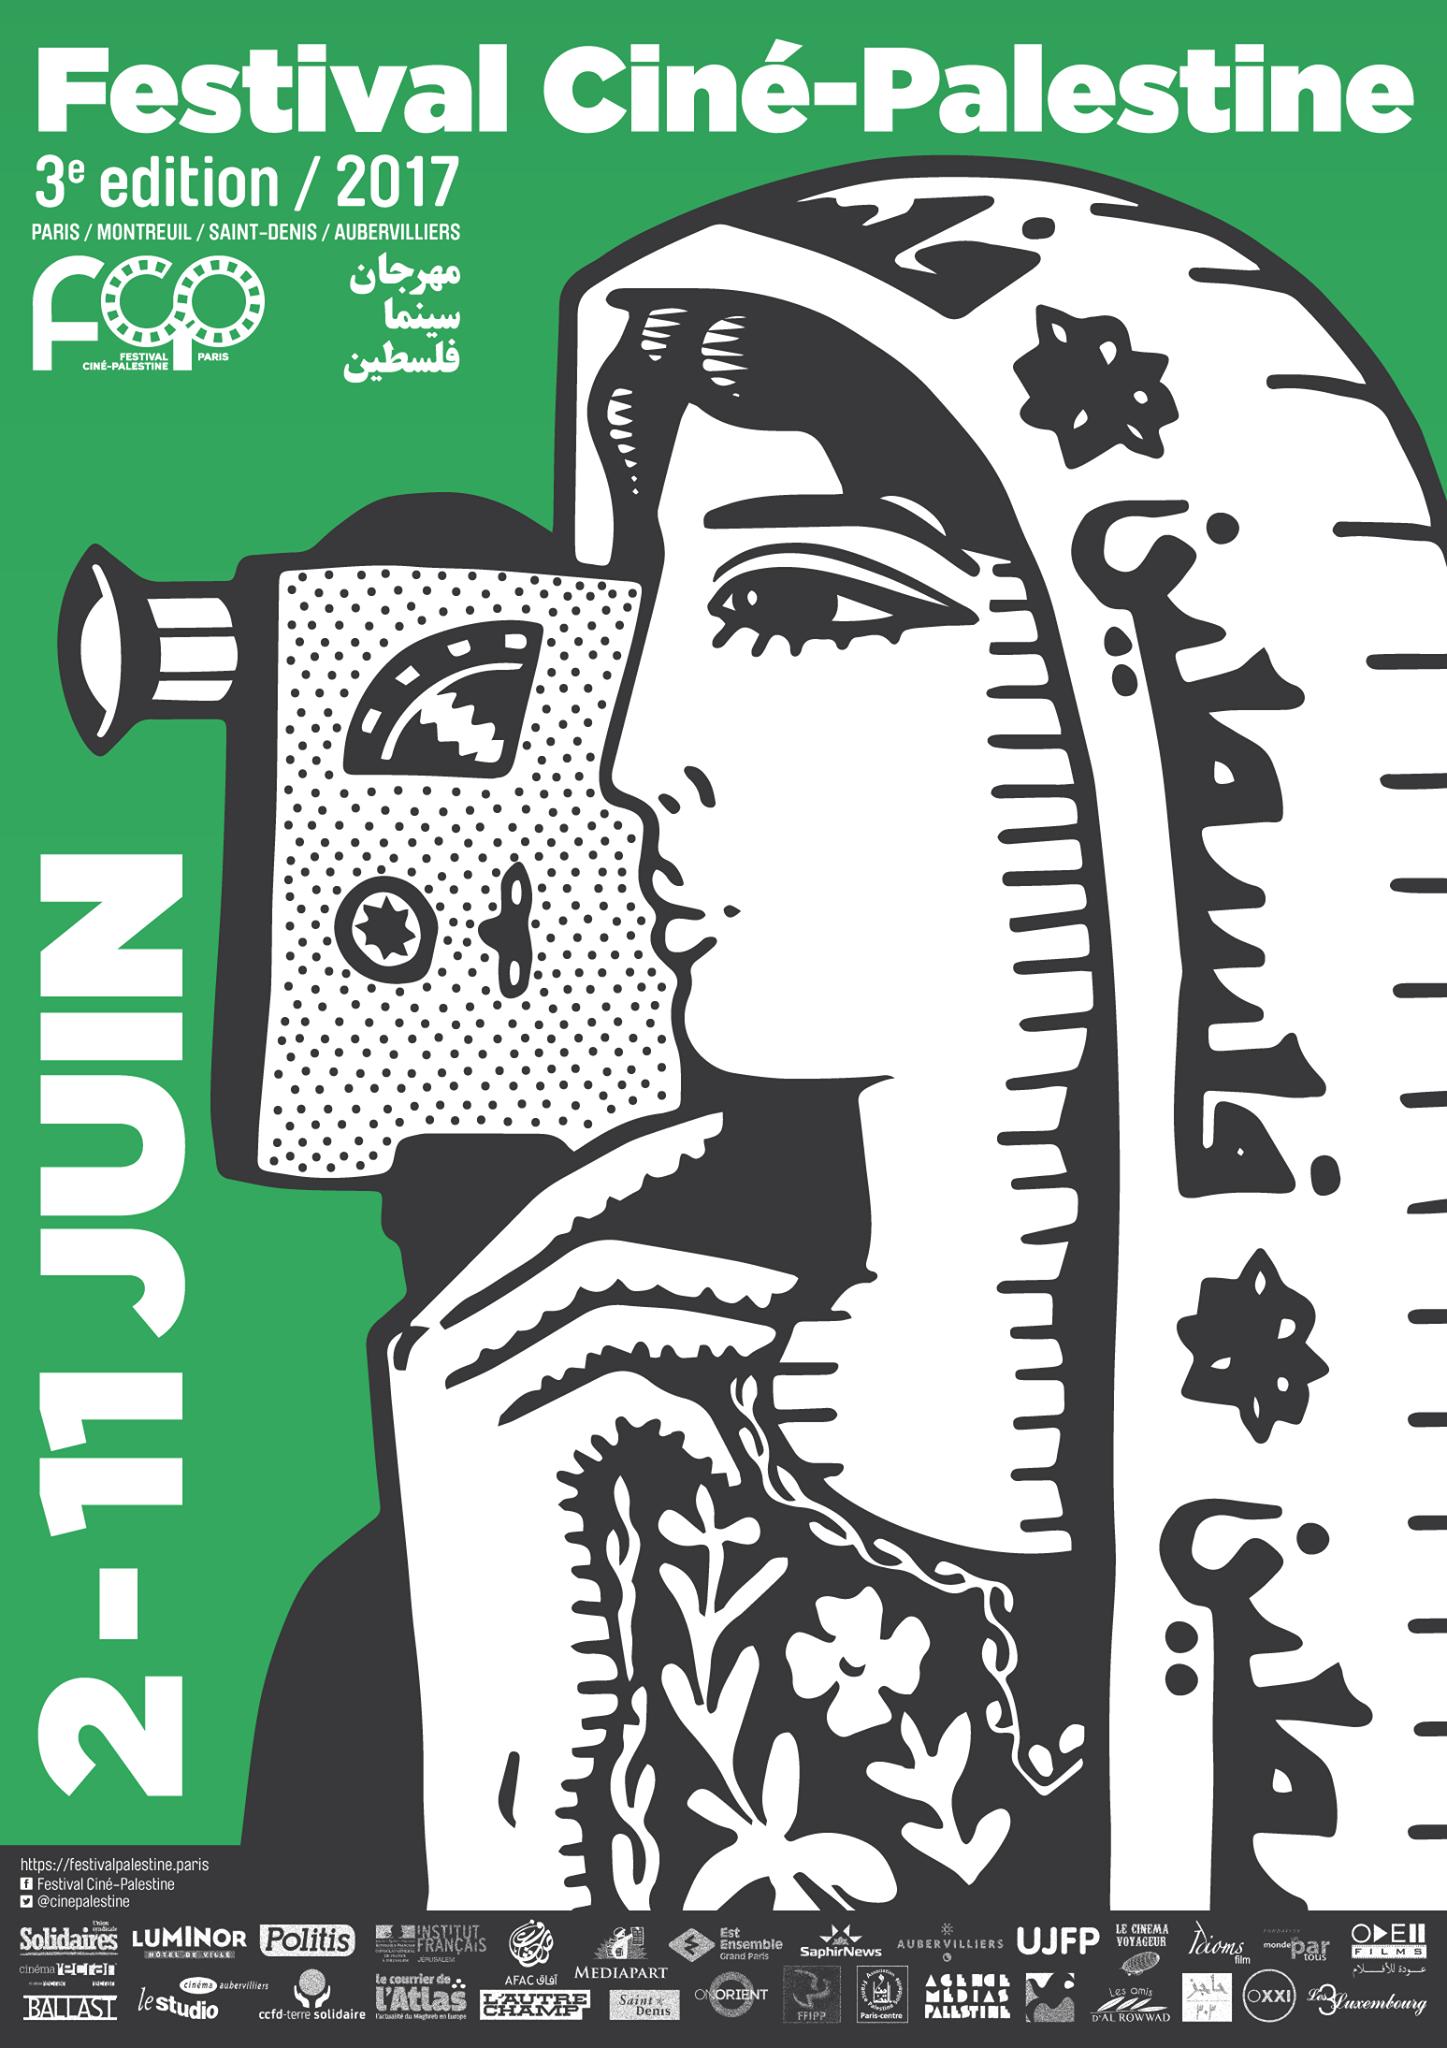 cinema palestinien montreuil